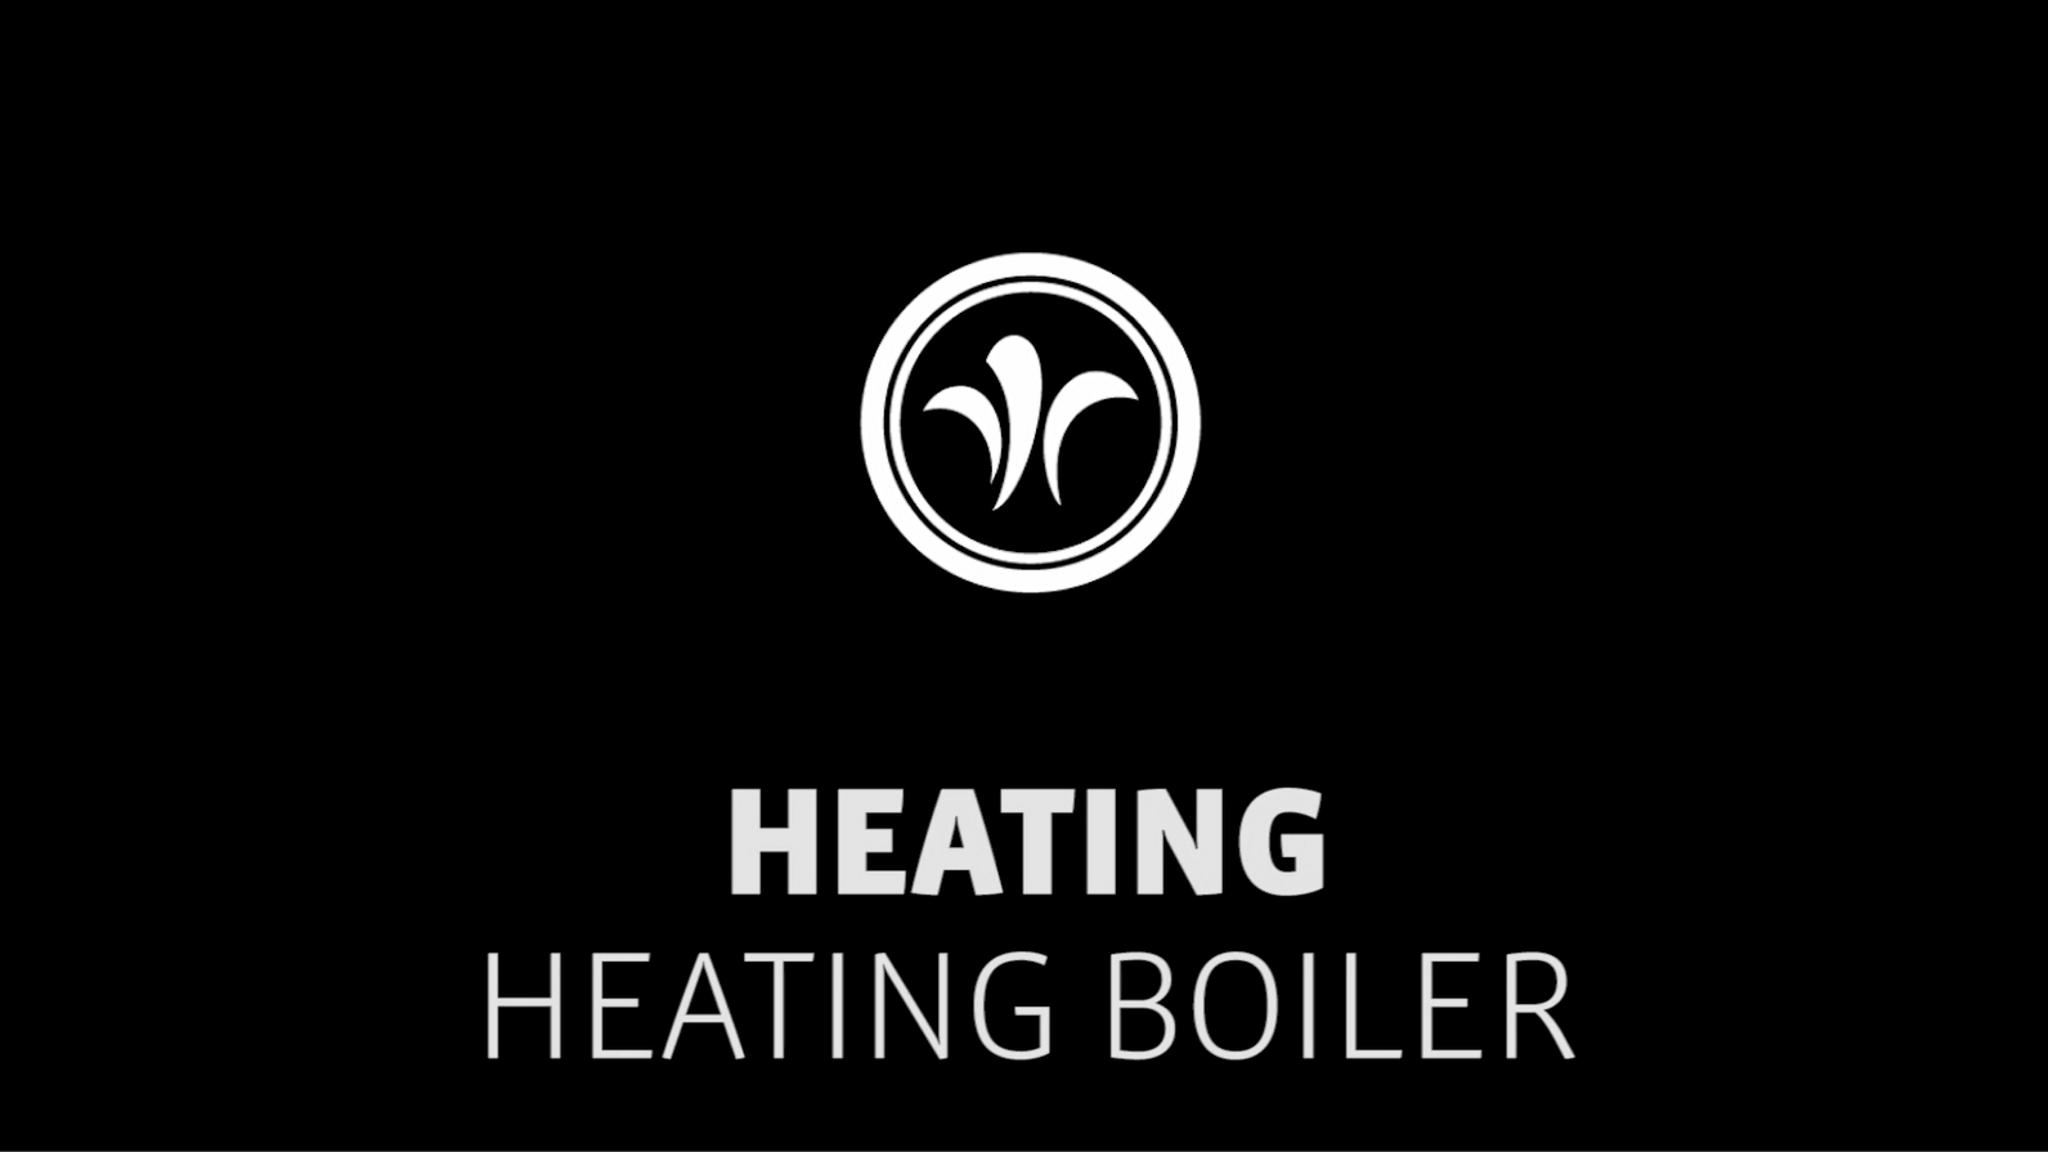 motorhome boiler // niesmann+bischoff - luxury motorhome (model FLAIR) // 2019 // H4